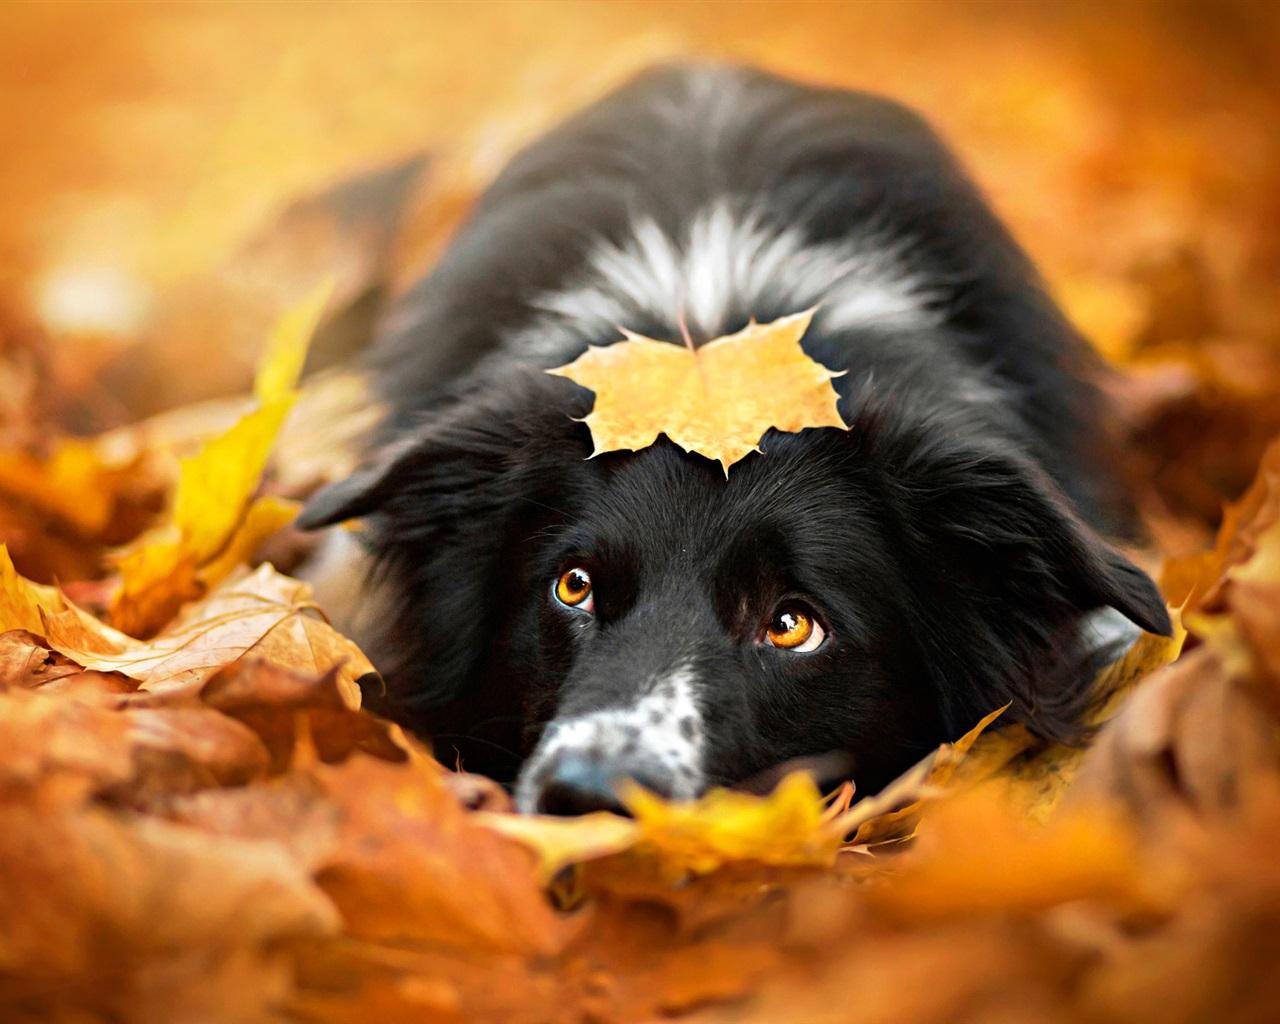 壁紙 黒い犬、秋、紅葉 1920x1200 HD 無料のデスクトップの背景, 画像